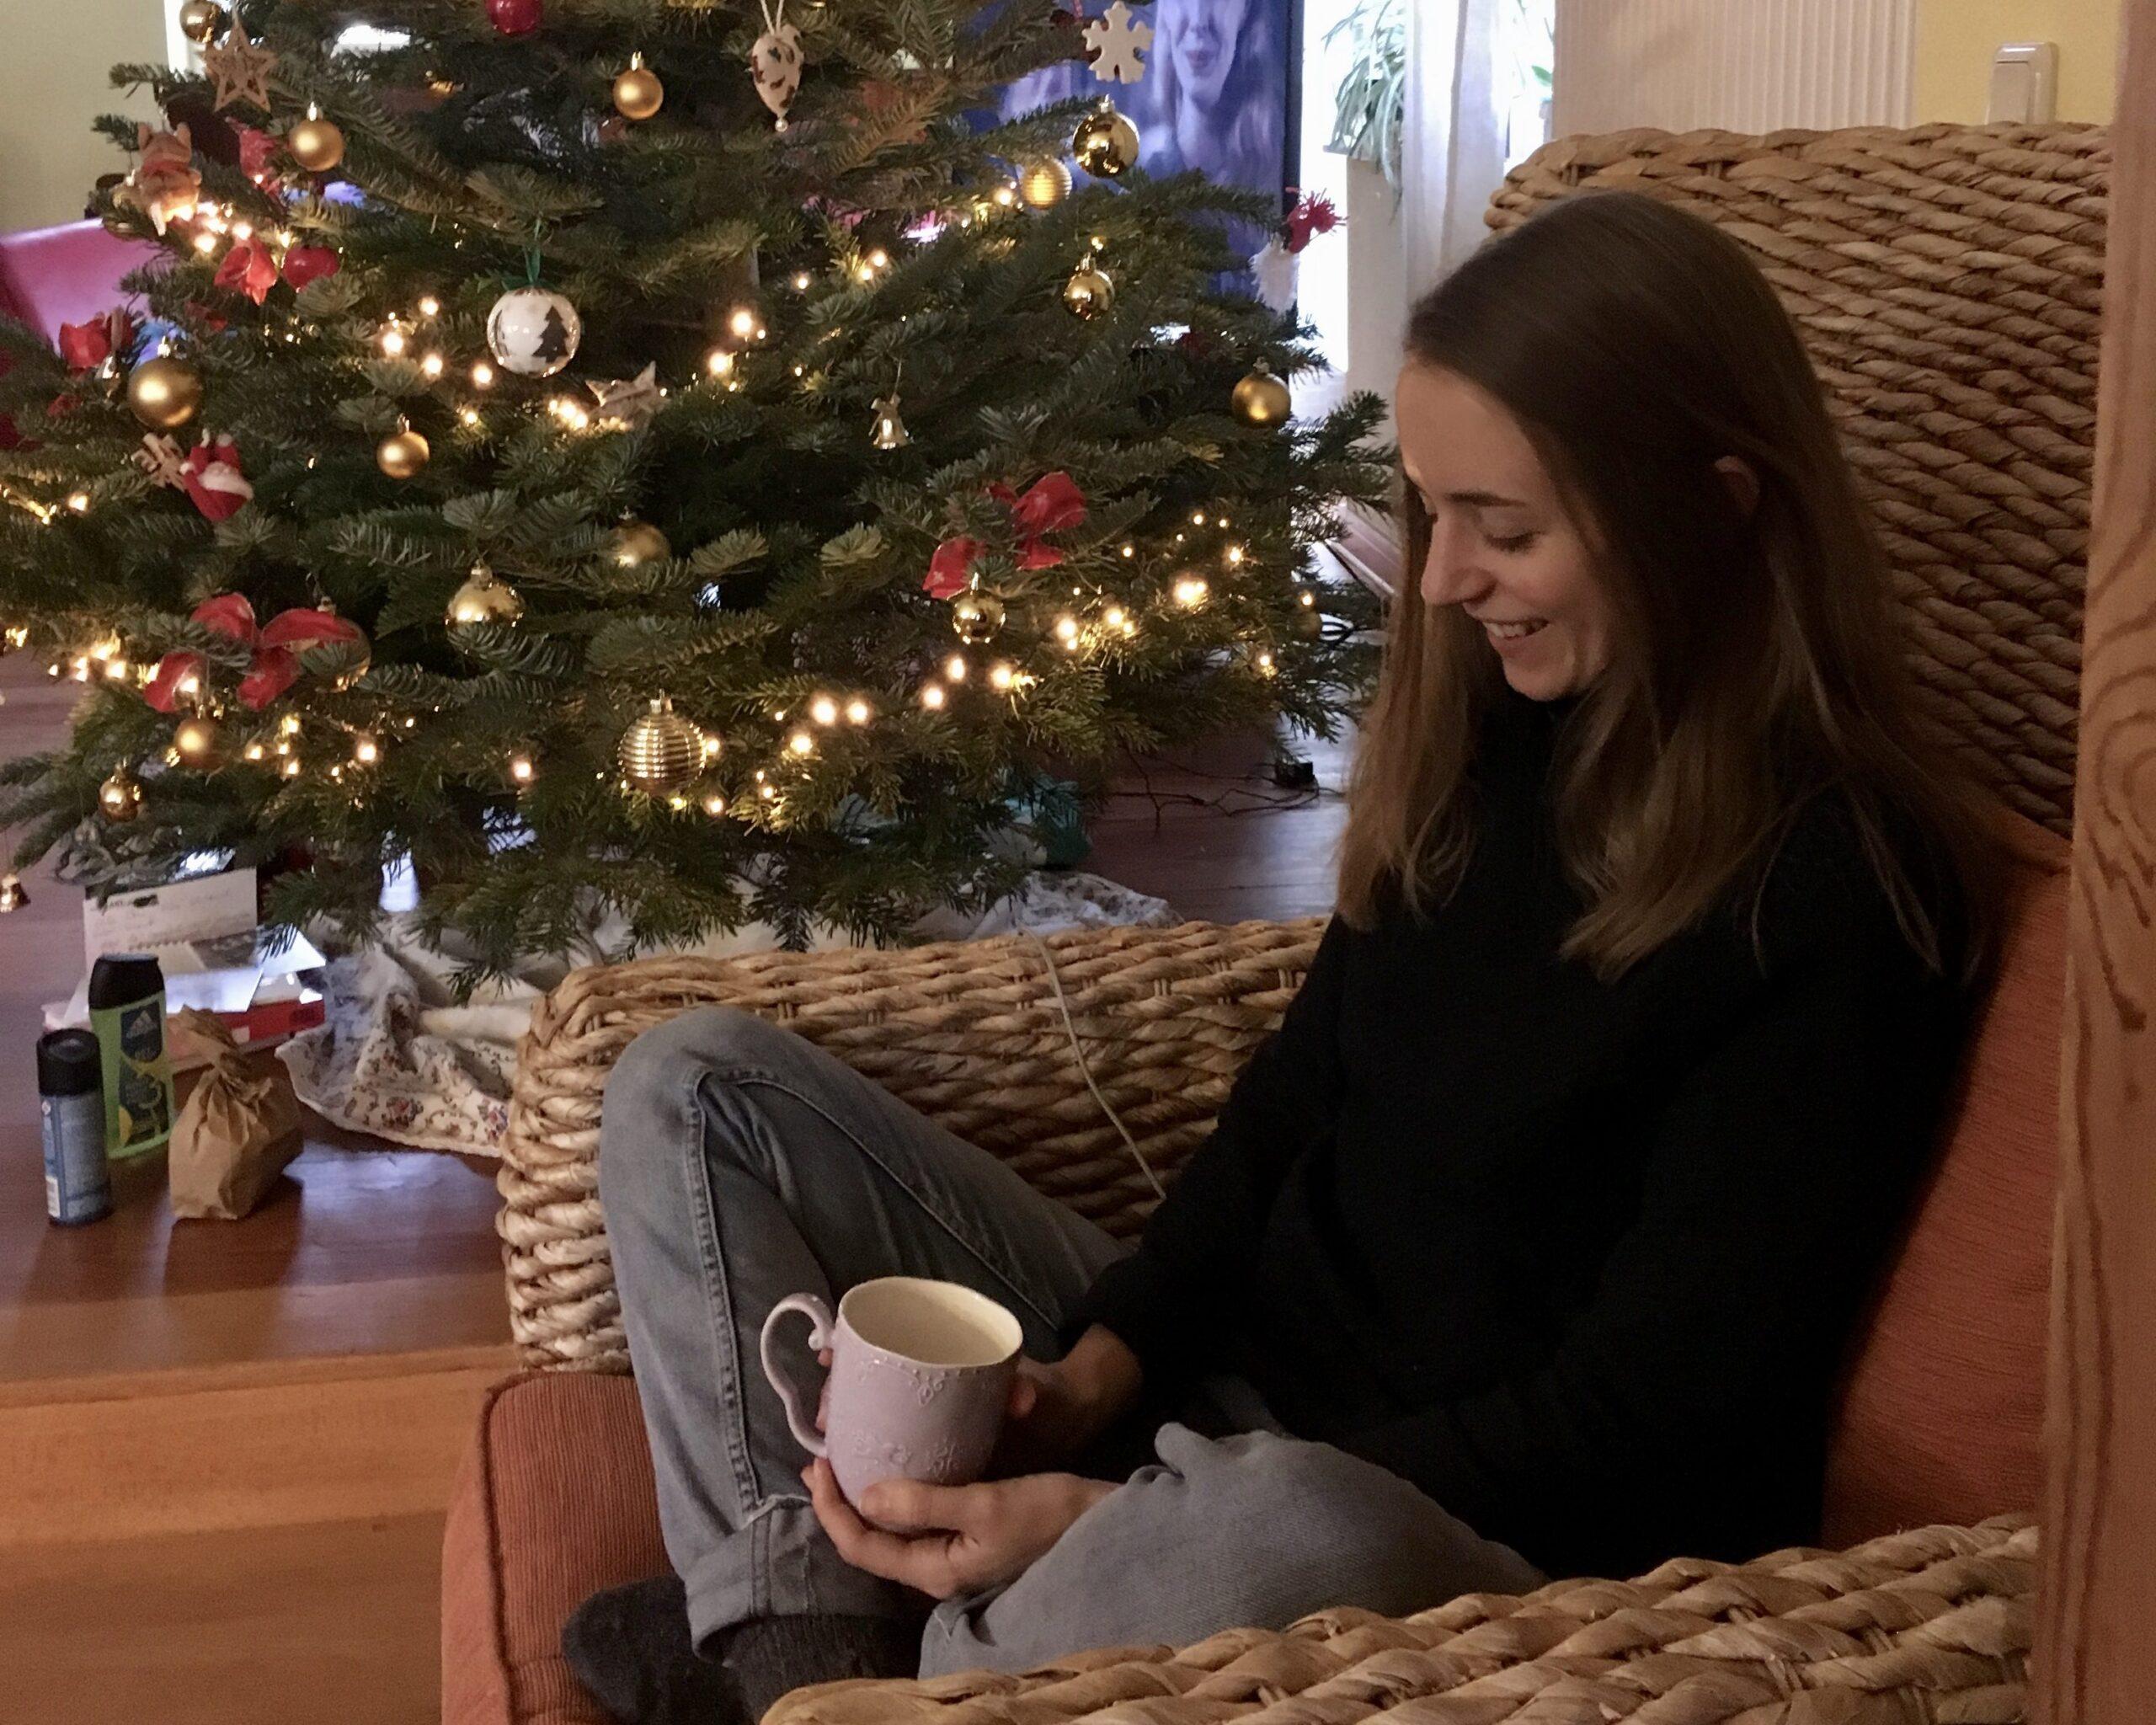 Miriam Hanika sitzt mit einer Tasse auf einem Korbsessel neben dem Weihnachtsbaum.